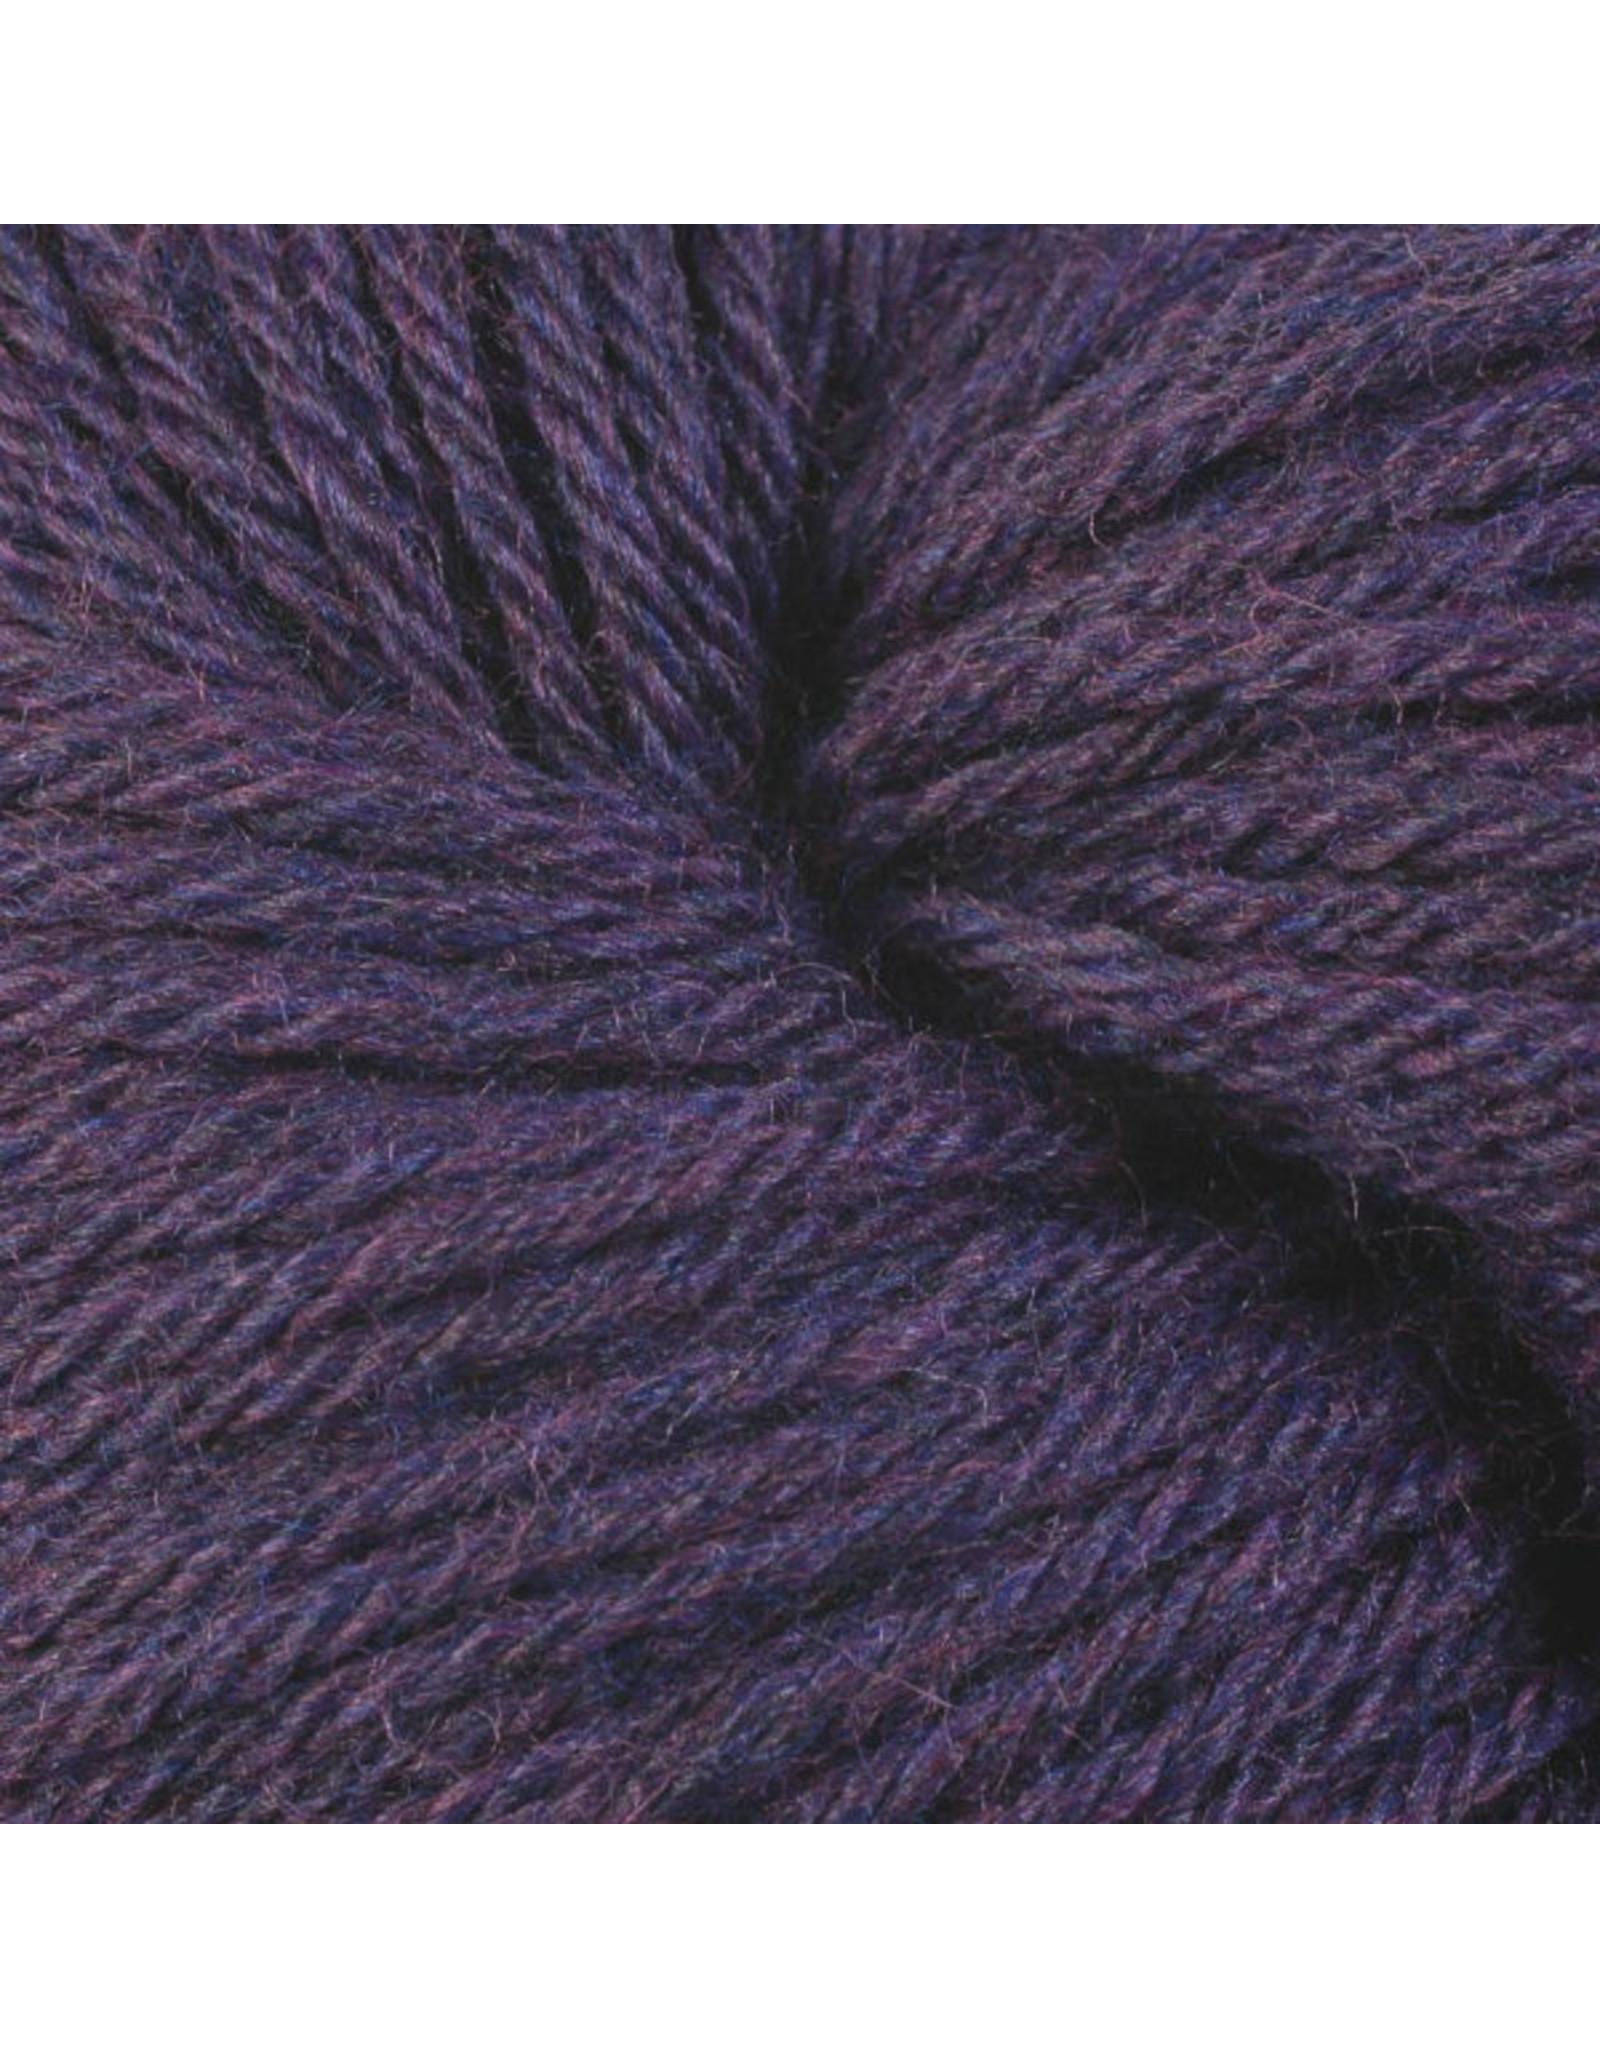 Berroco Berroco: Retta Kit (Purples),